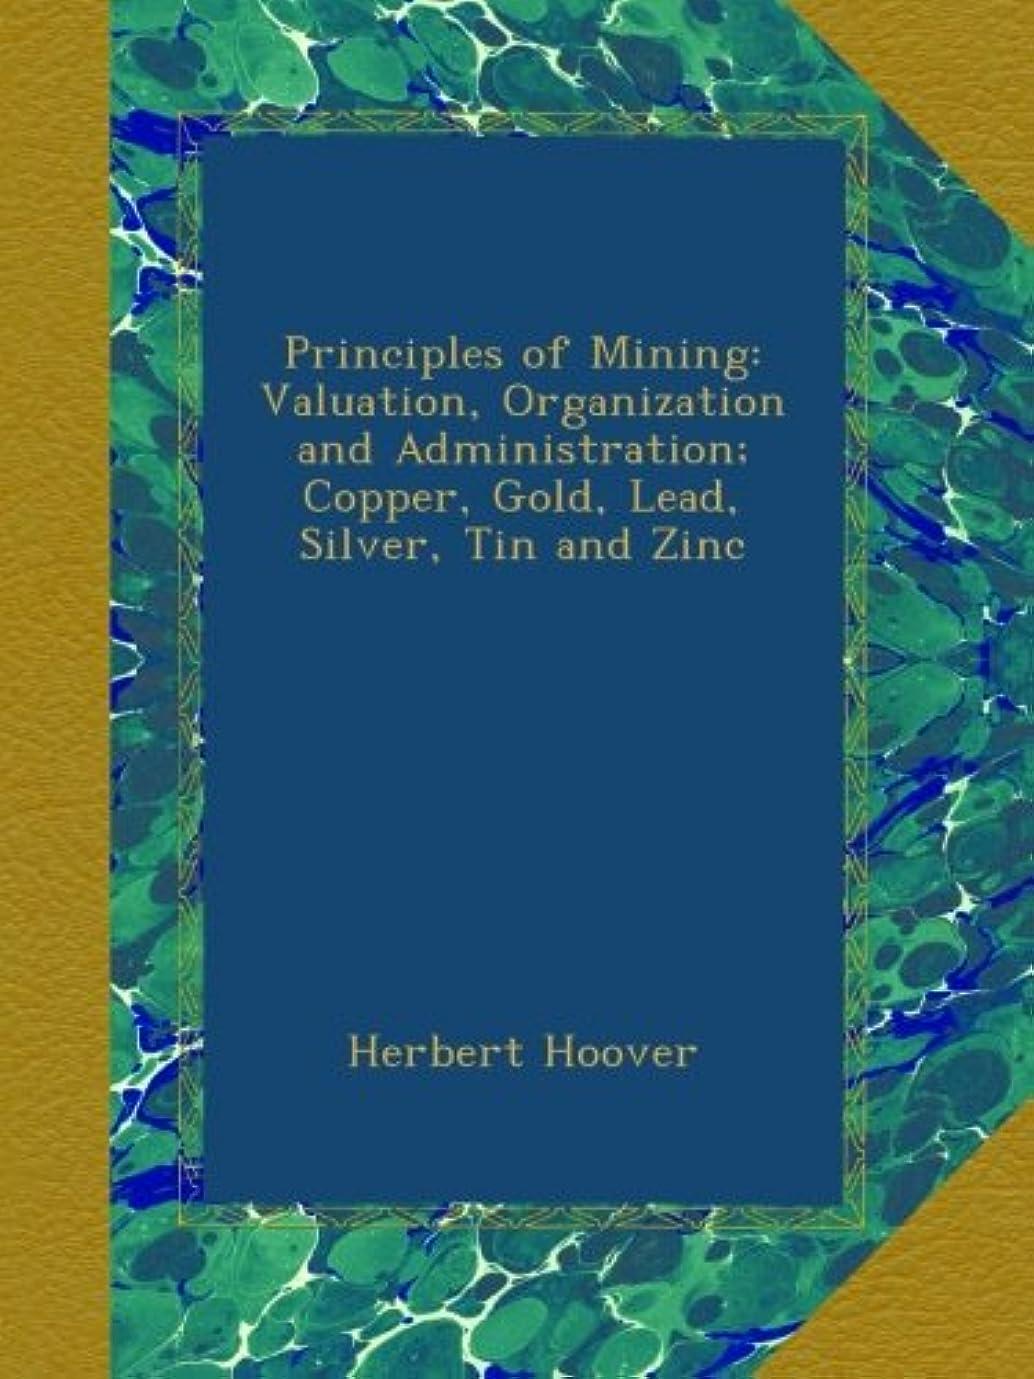 滅多廃止おびえたPrinciples of Mining: Valuation, Organization and Administration; Copper, Gold, Lead, Silver, Tin and Zinc